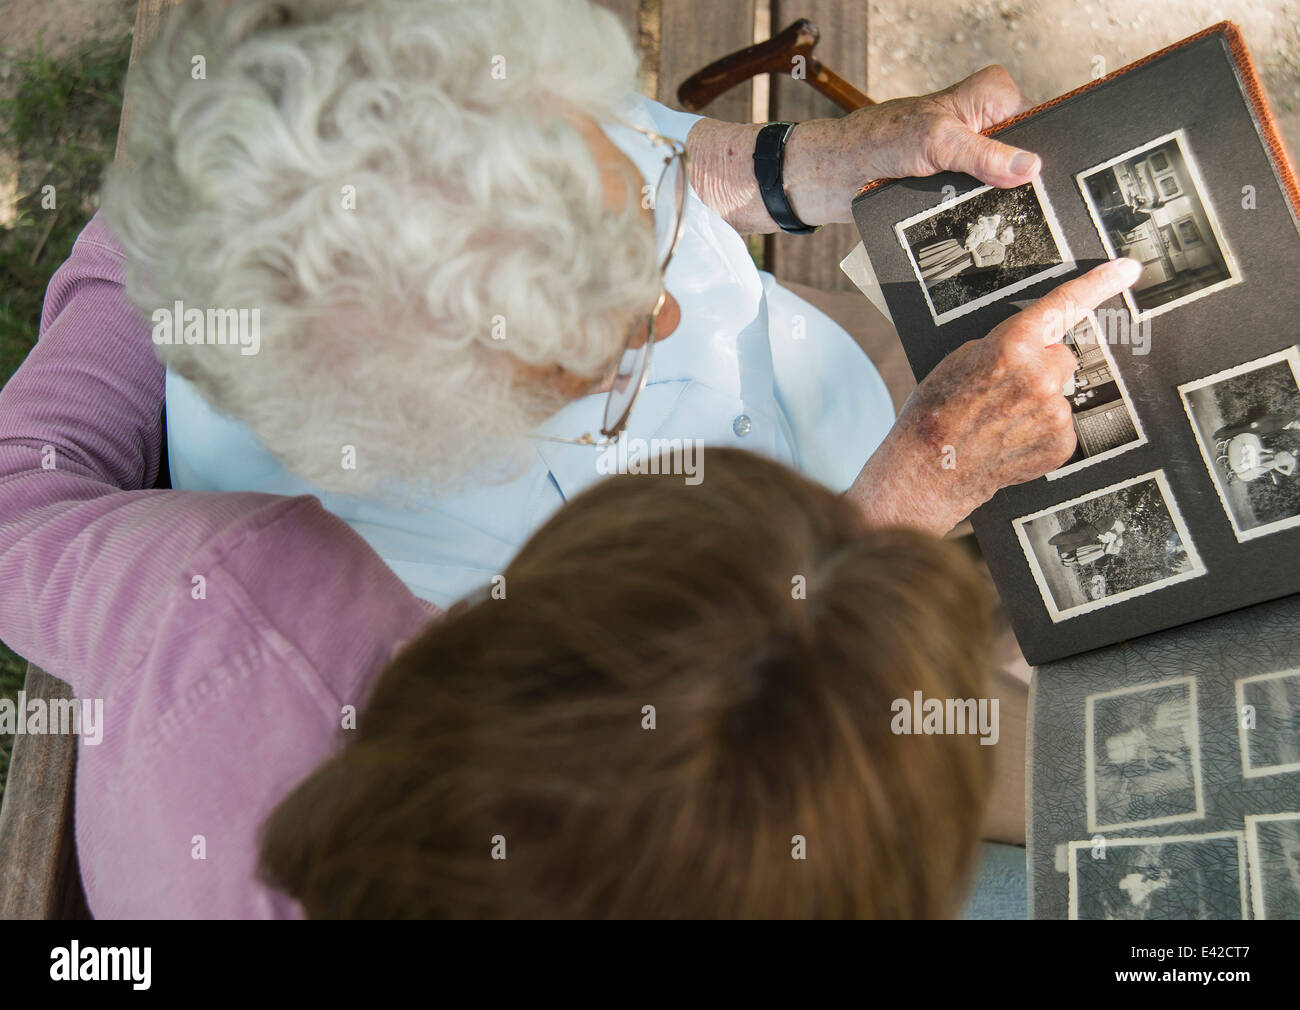 Senior donna seduta su una panchina nel parco con il nipote, guardando vecchi album di foto Immagini Stock